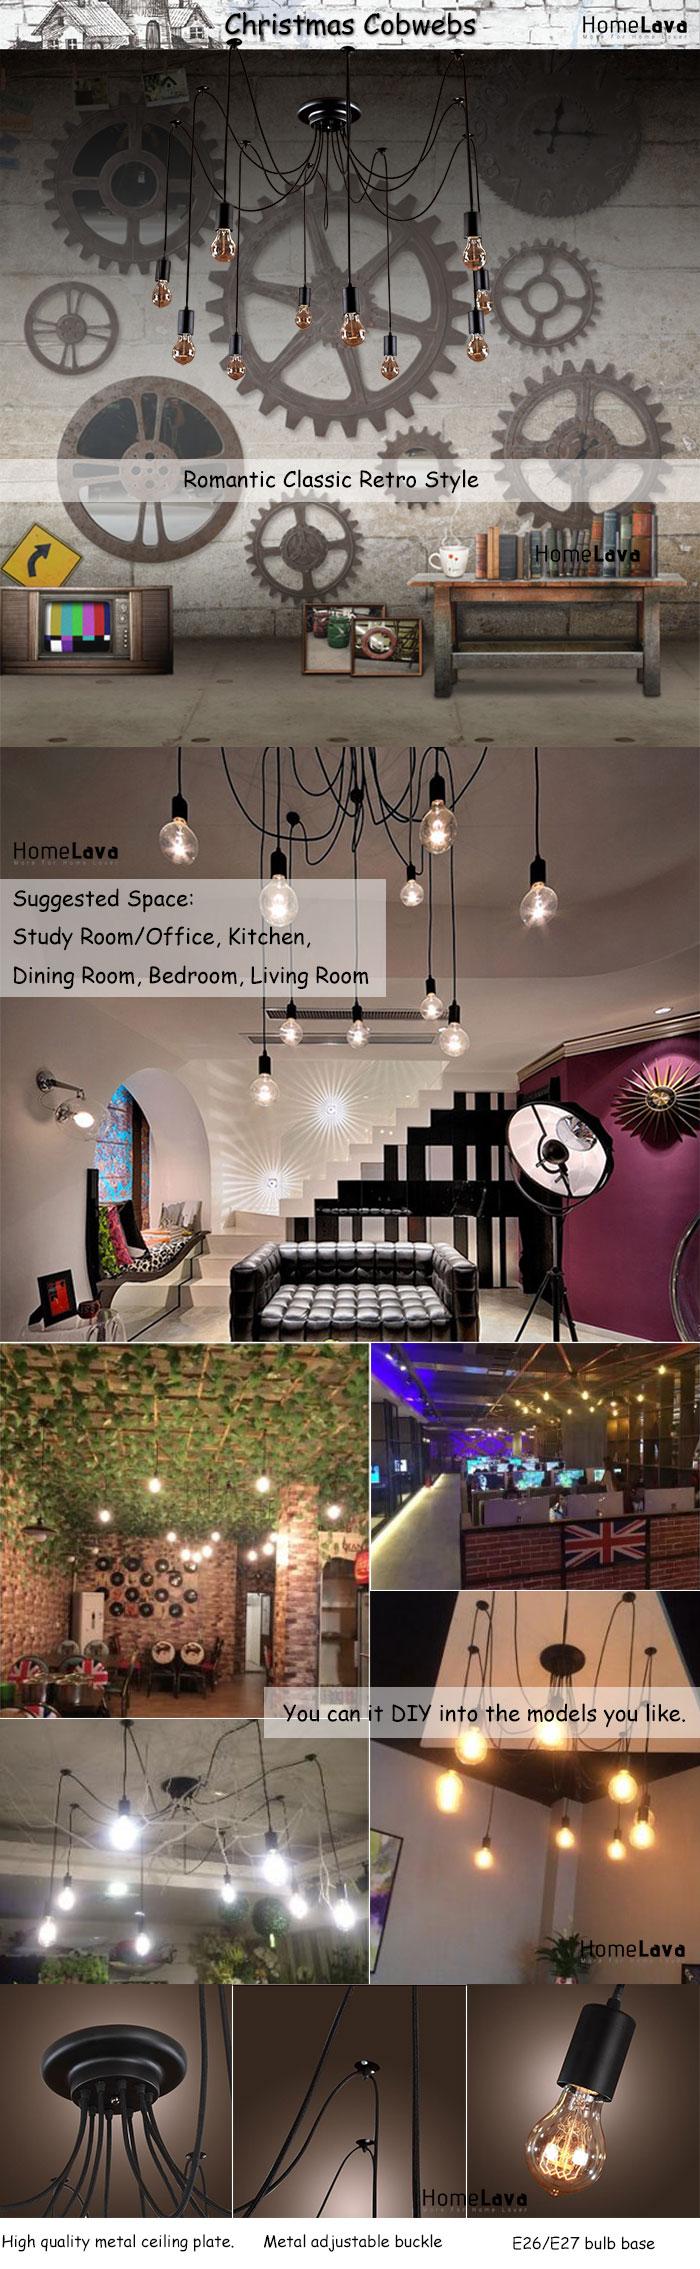 (In Stock)Ceiling Lights Chandelier Vintage Design Living 10 Lights(Christmas Cobwebs)